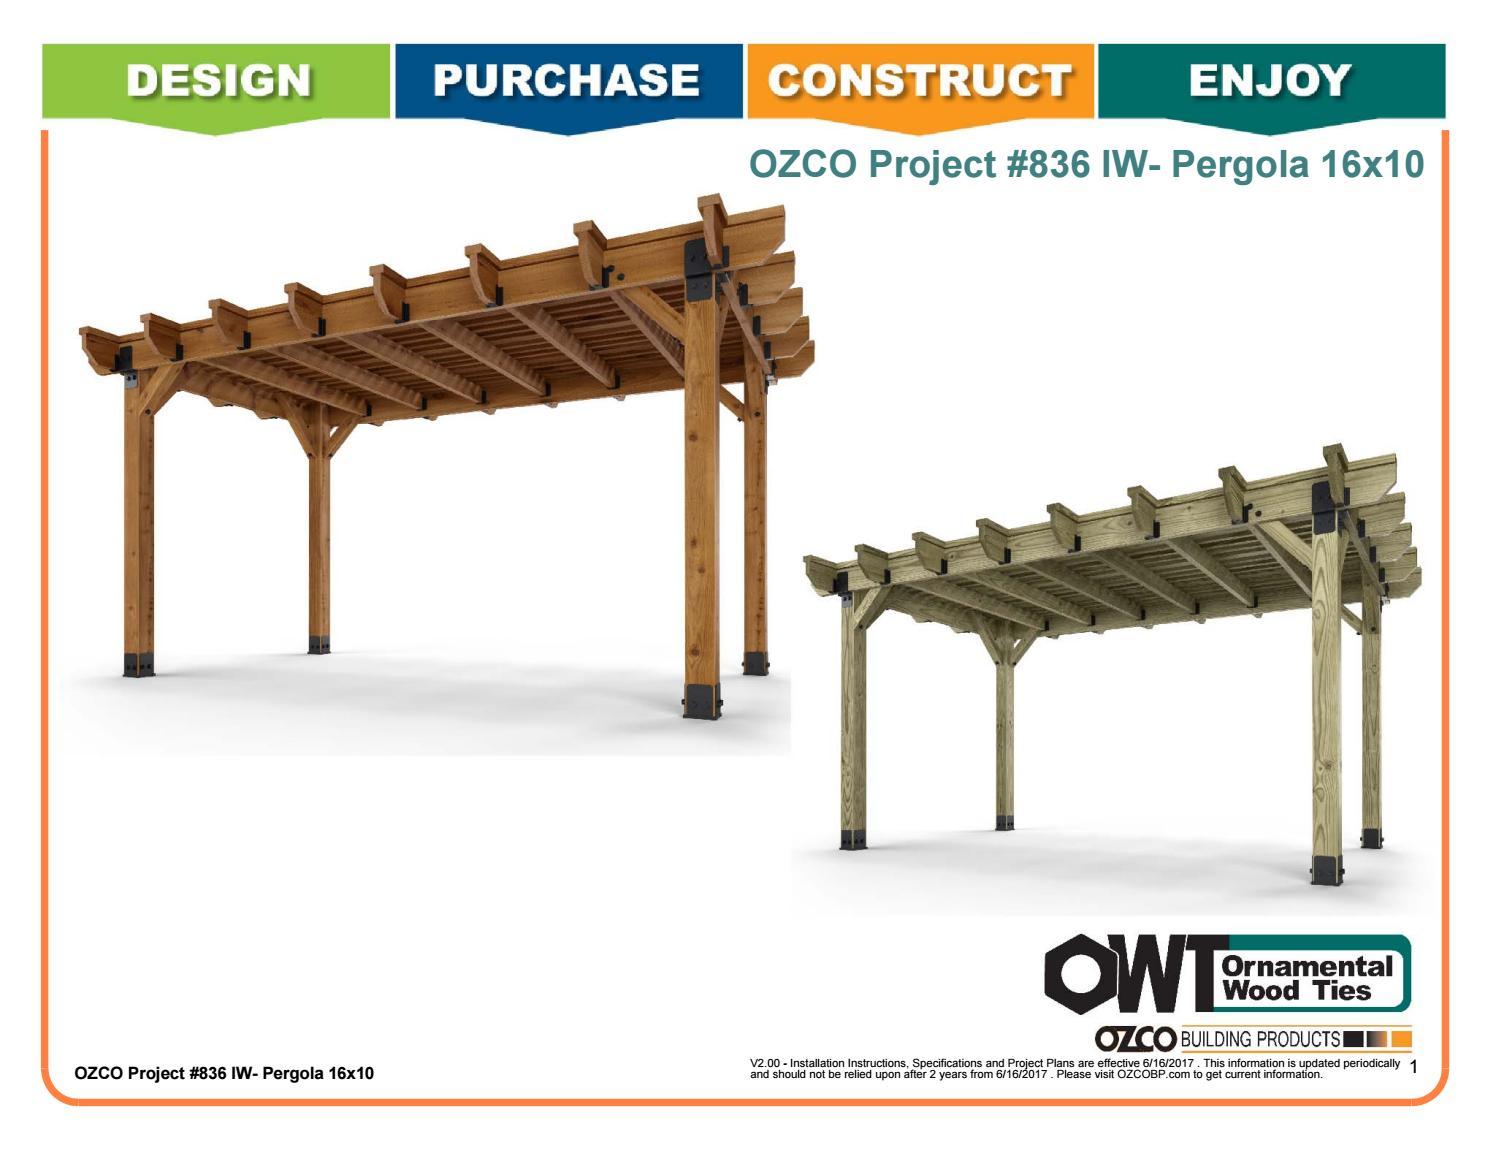 OZCO Project #836 - 16x10 Pergola (Ironwood) by OZCO